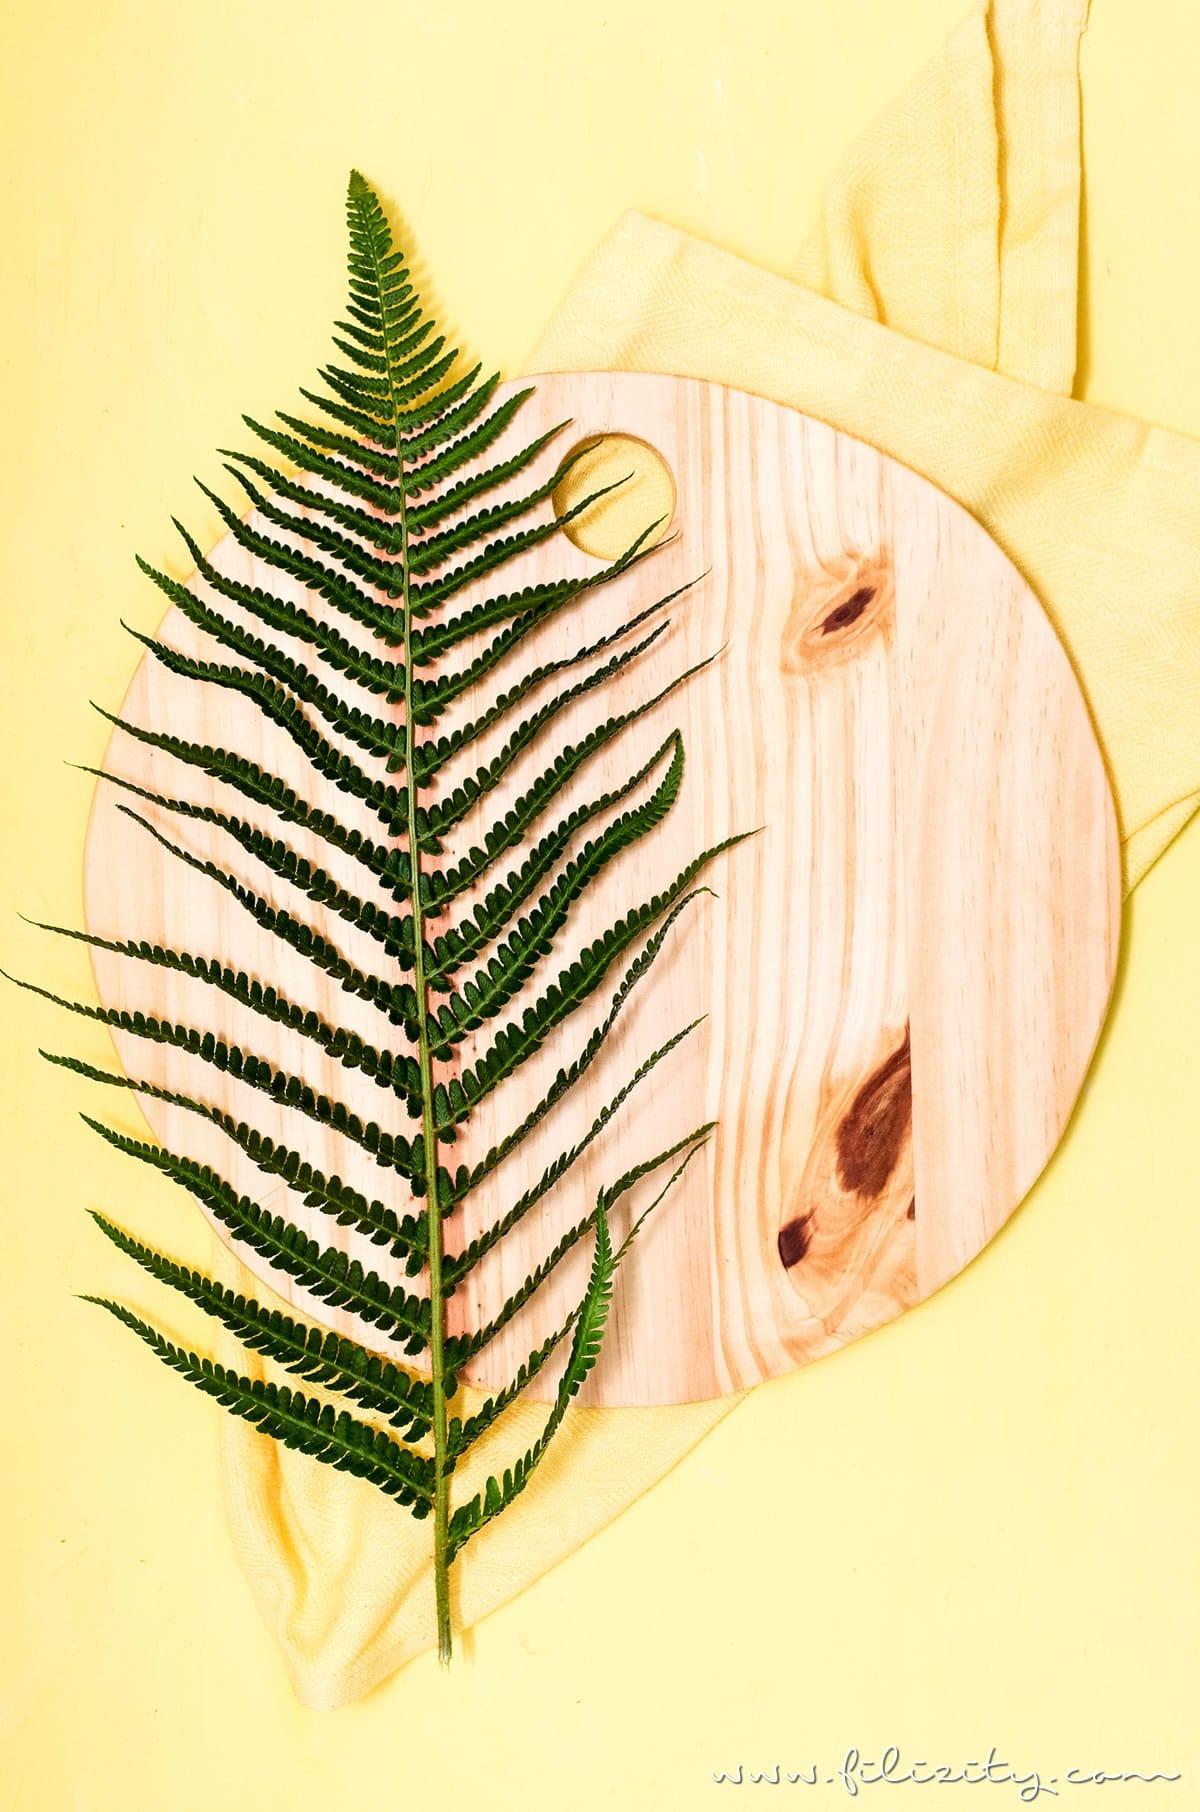 DIY Küchen-Deko: Holz-Küchenbretter selber machen | Schneidebrett sägen - So geht's | Filizity.com |DIY-Blog aus dem Rheinland